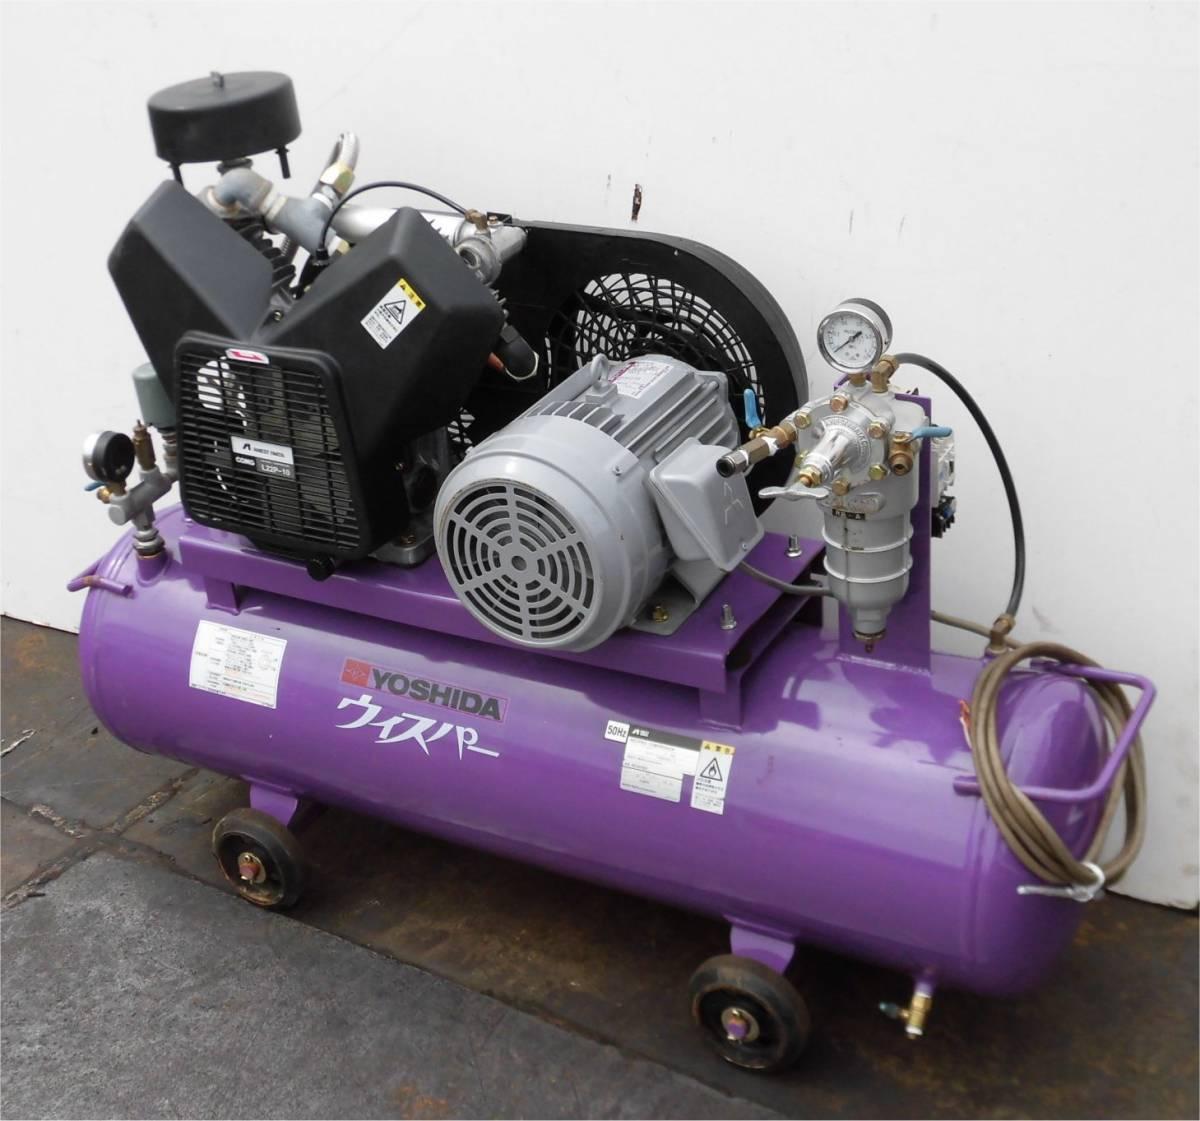 ほ レシプロコンプレッサー 吉田/アネスト岩田 ウィスパー Y32 L22P-10 50Hz 2.2KW 静音型 圧力調整器付 空気圧縮機 3馬力_画像3